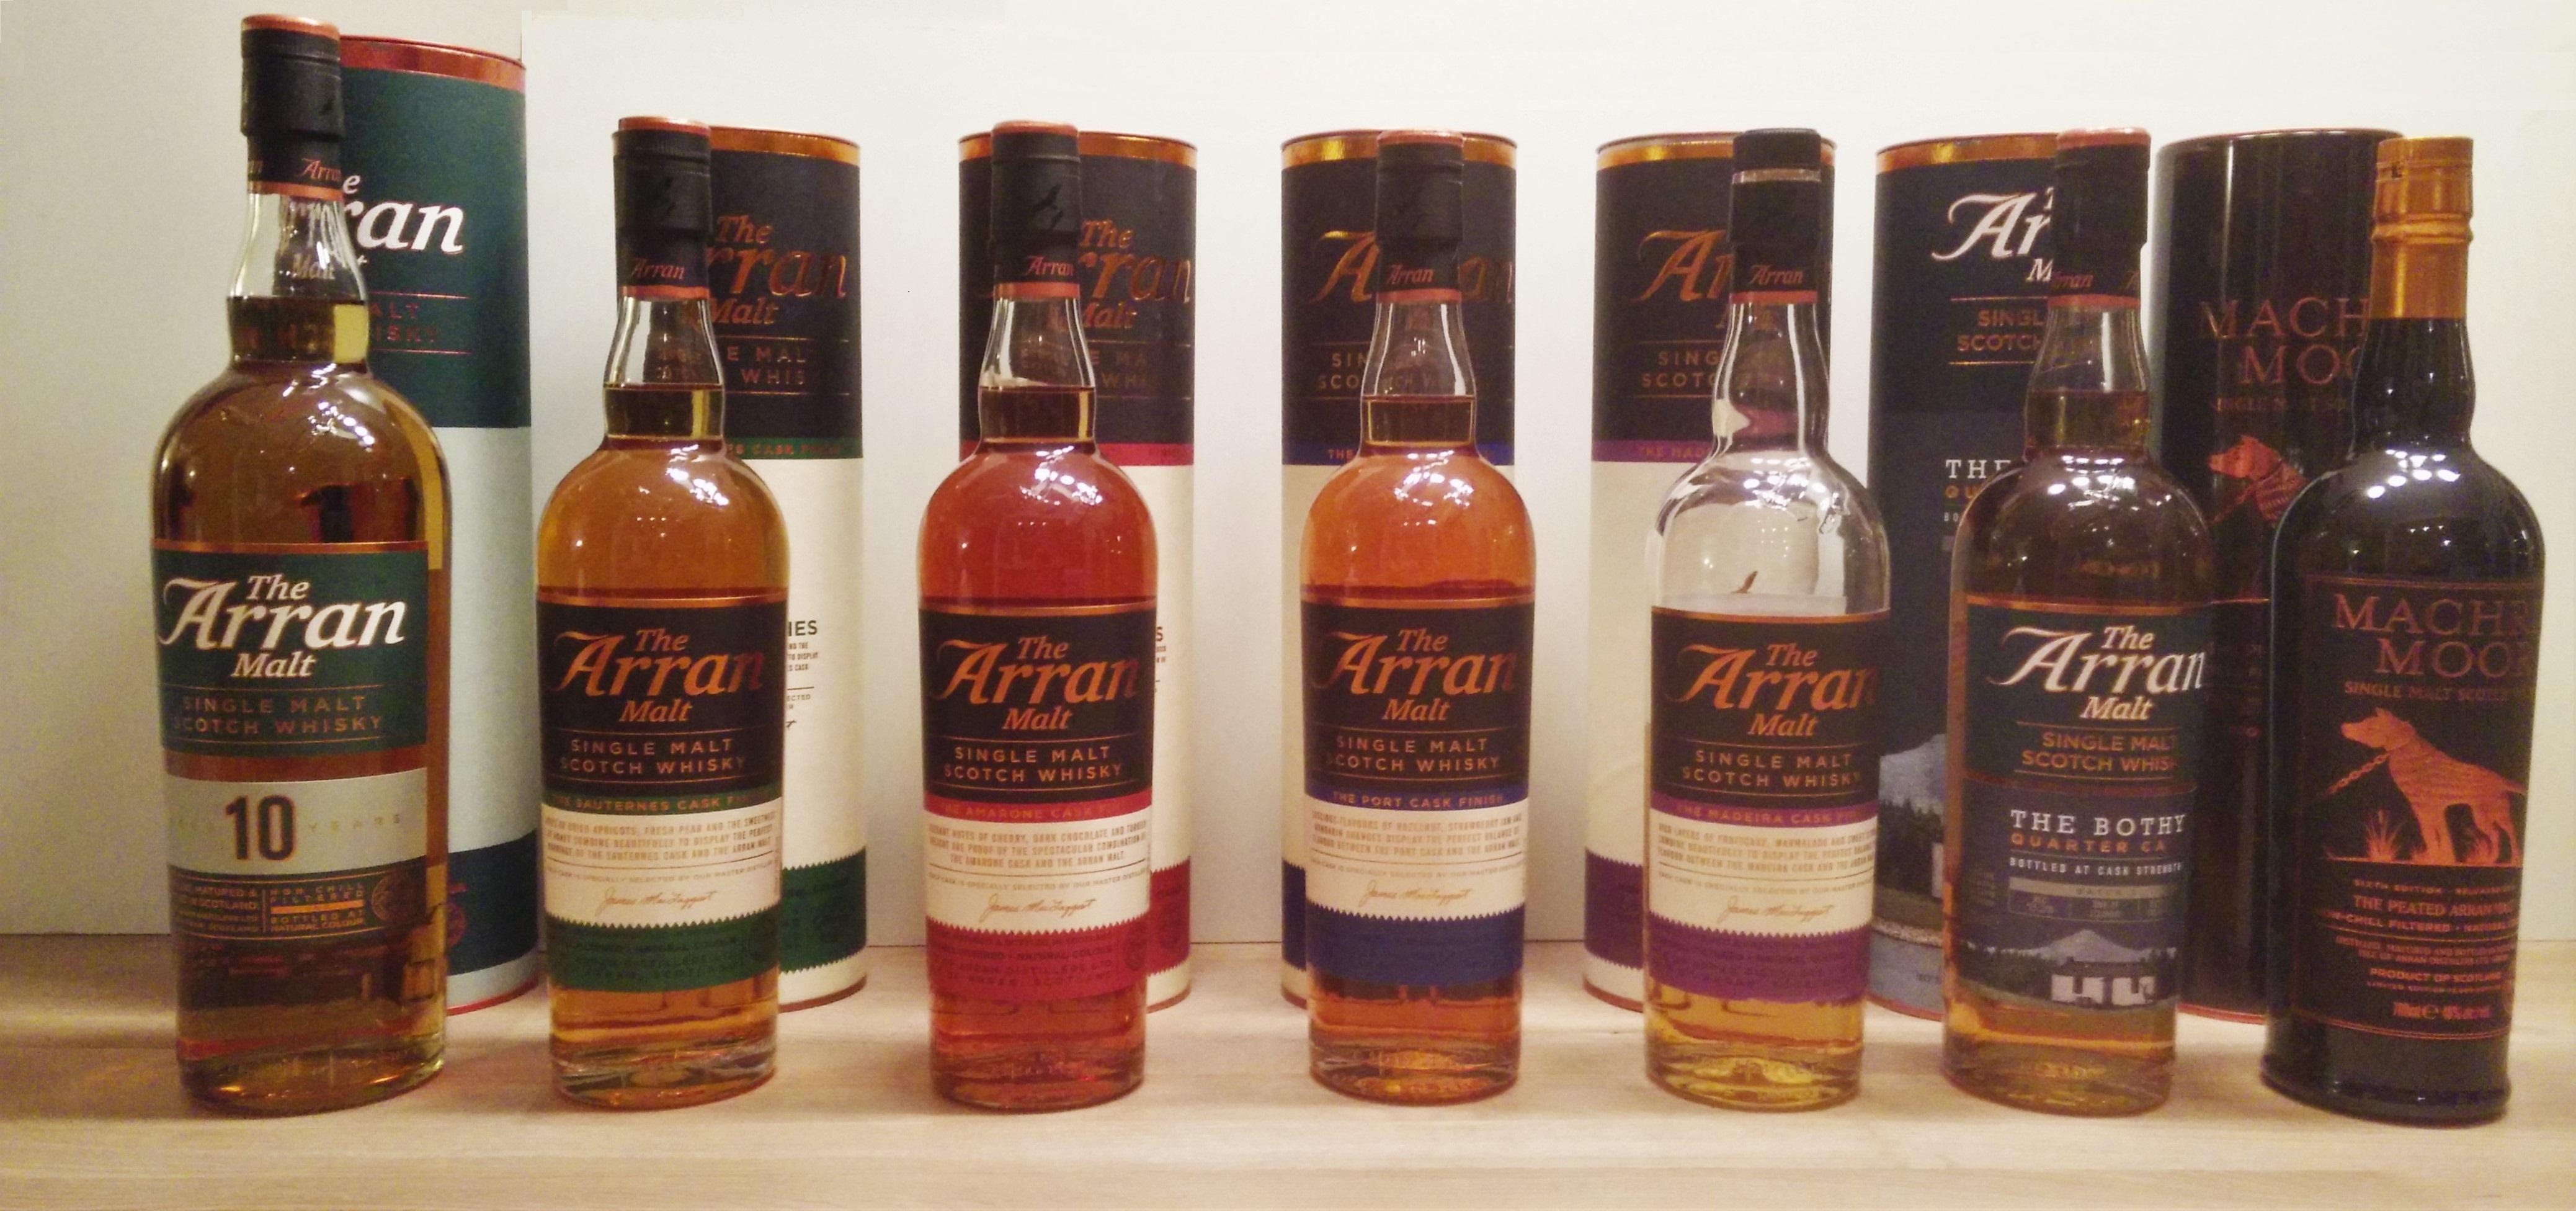 Isle of Arran Whisky Tasting